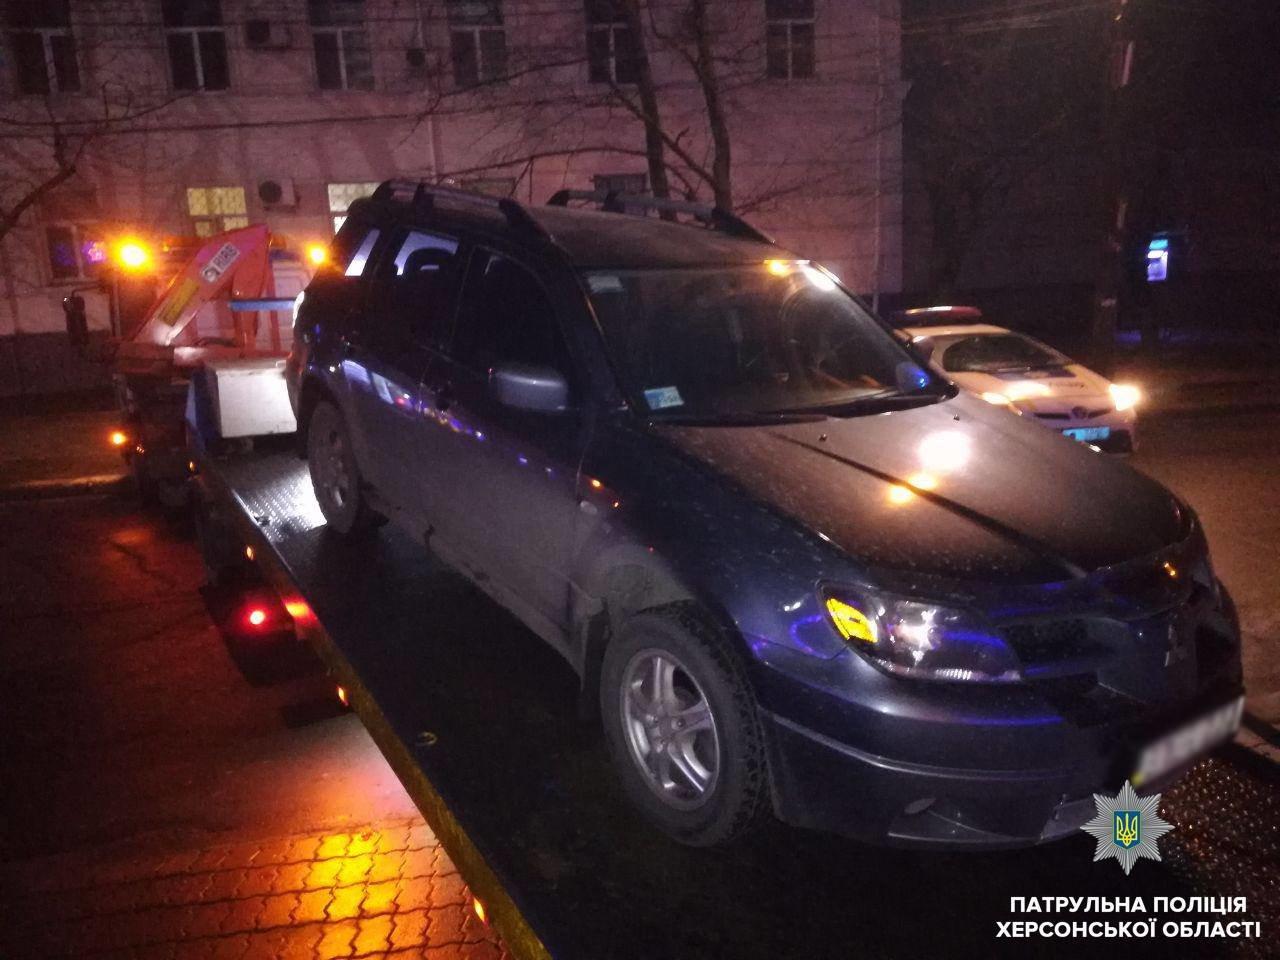 Водій Mitsubishi отримав протокол за керування під впливом наркотиків, фото-1